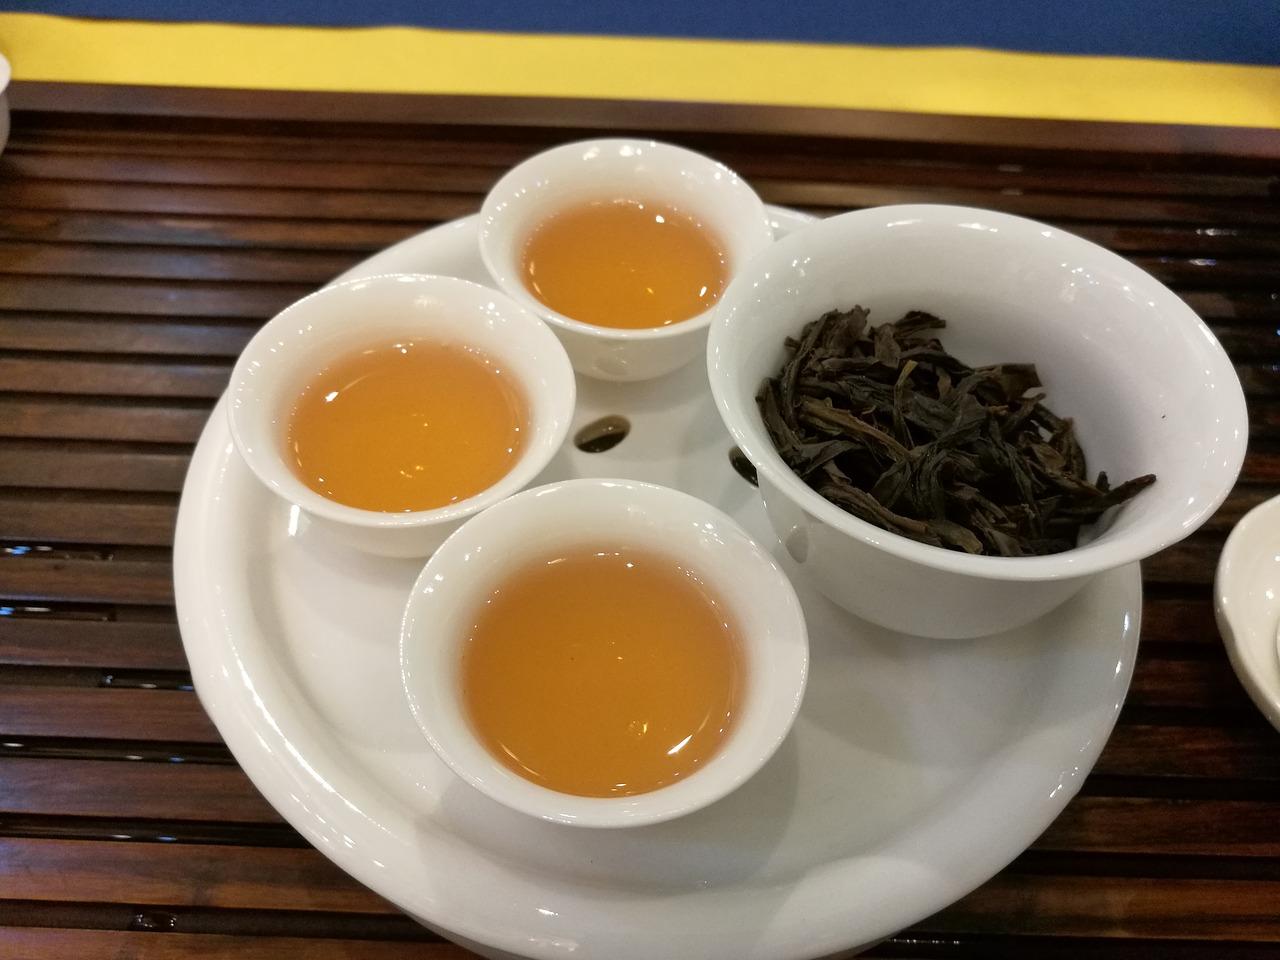 ウーロン茶 黒ウーロン茶